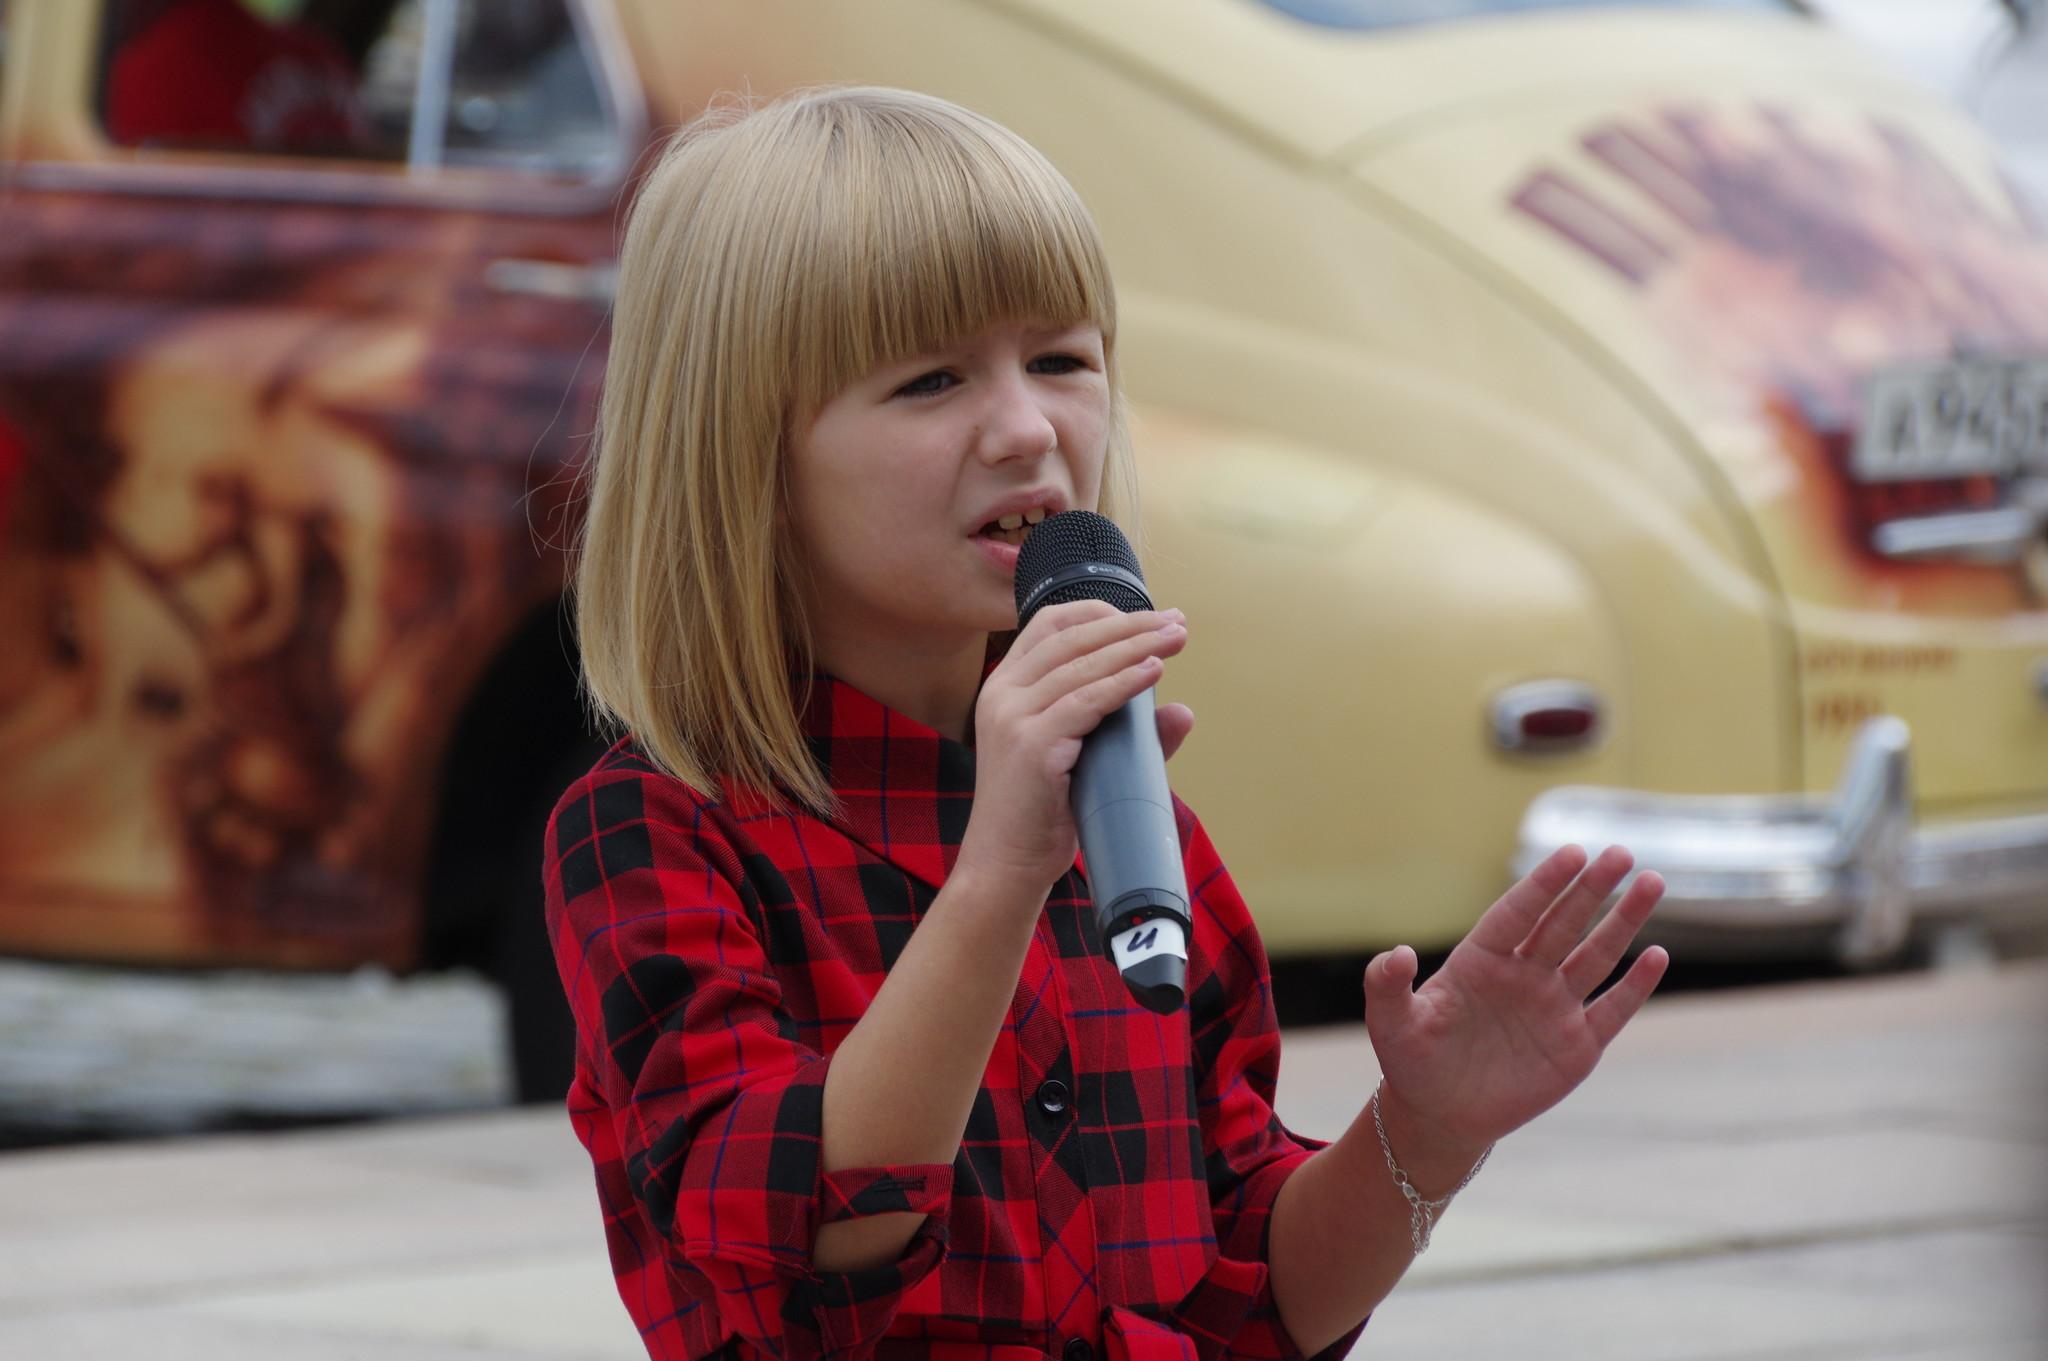 Финалистка вокального шоу «Голос. Дети» Ярослава Дегтярёва